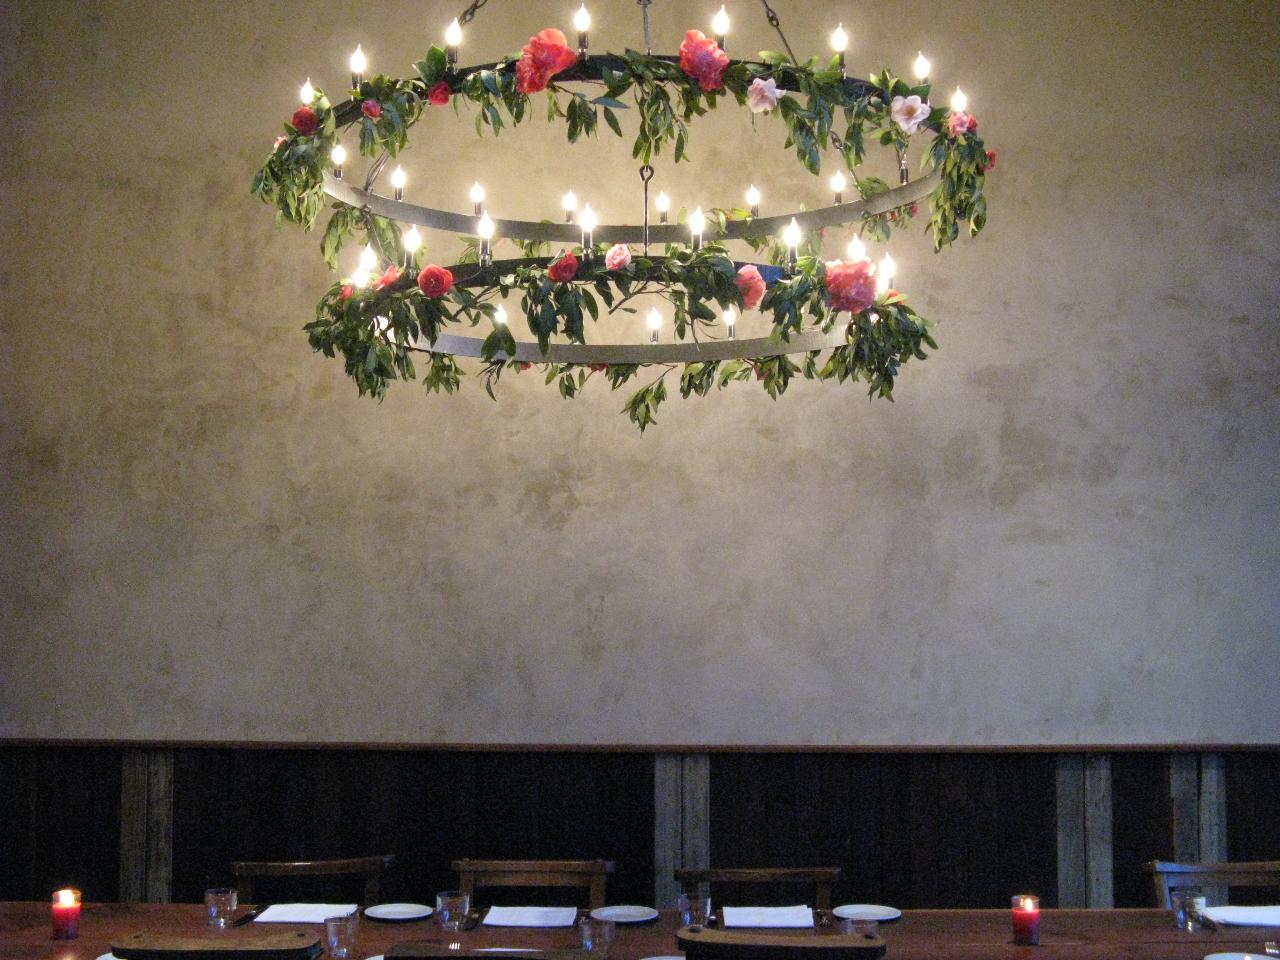 Camino Restaurant -- Five-star fare in a refined, grange hall-like interior.